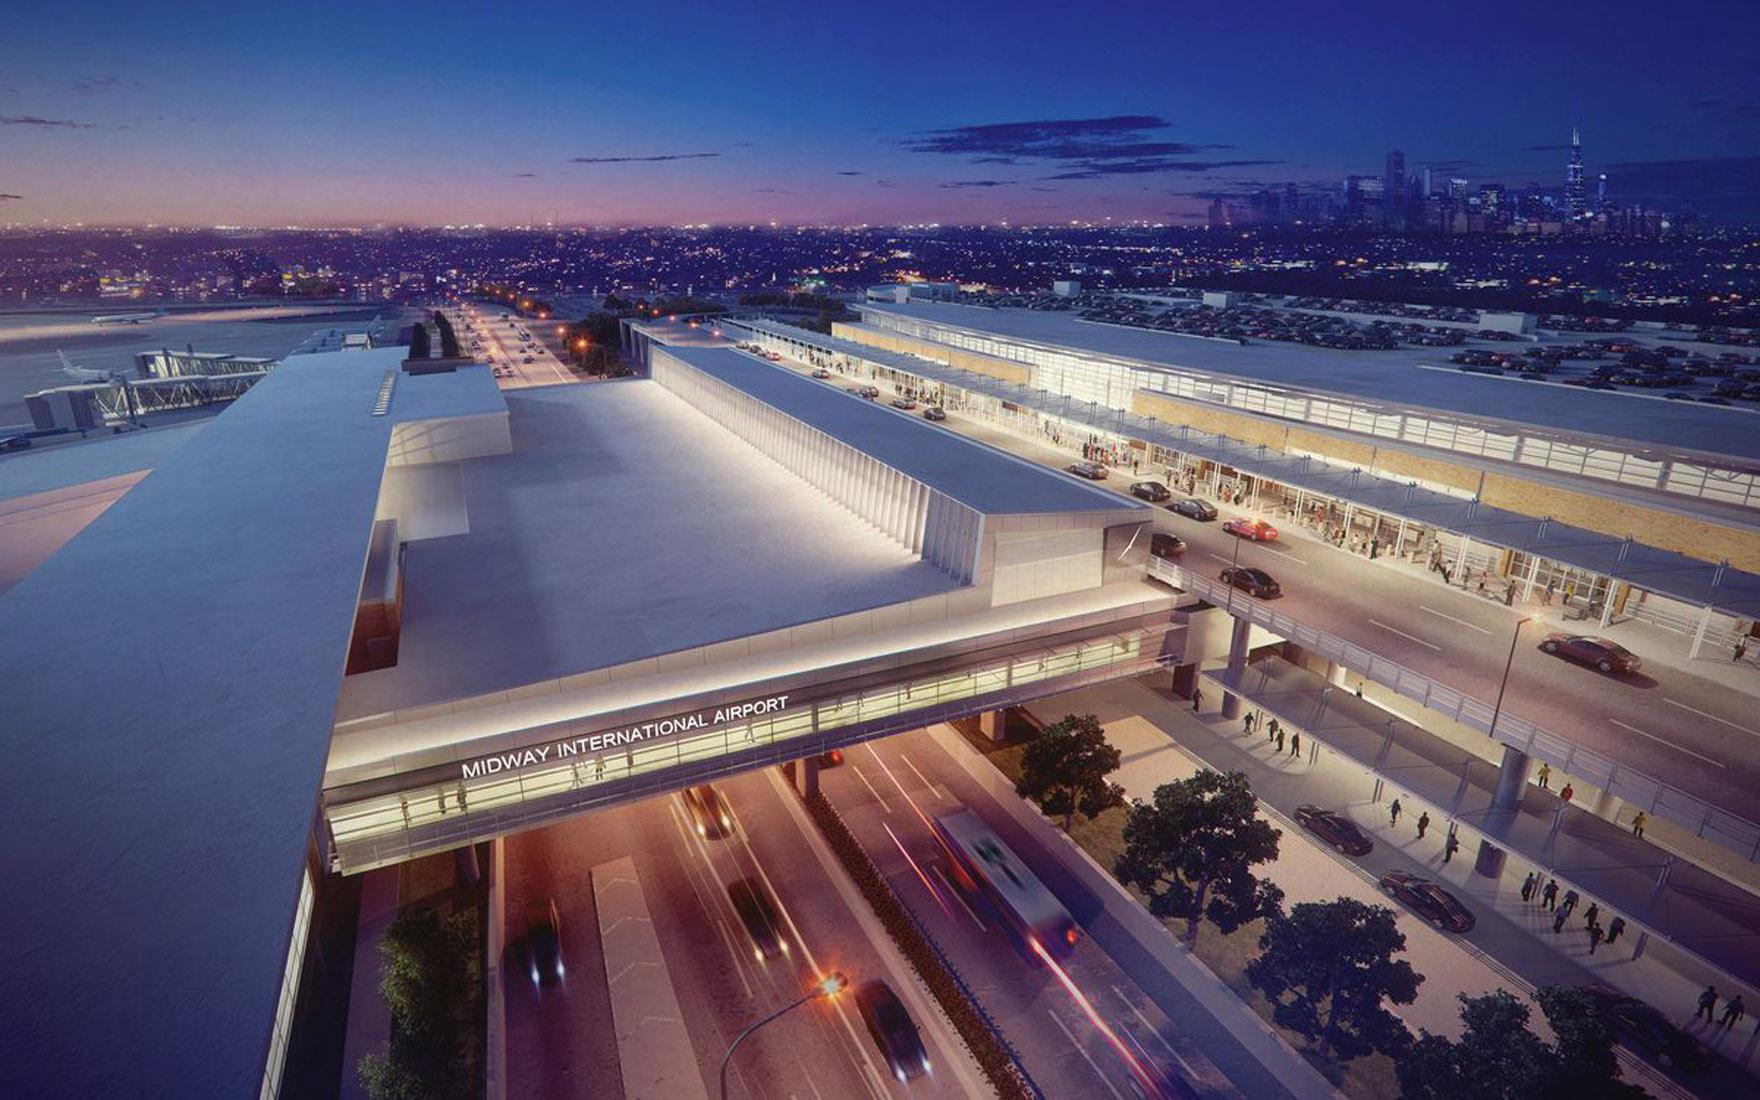 Midway Airport Parking Garage